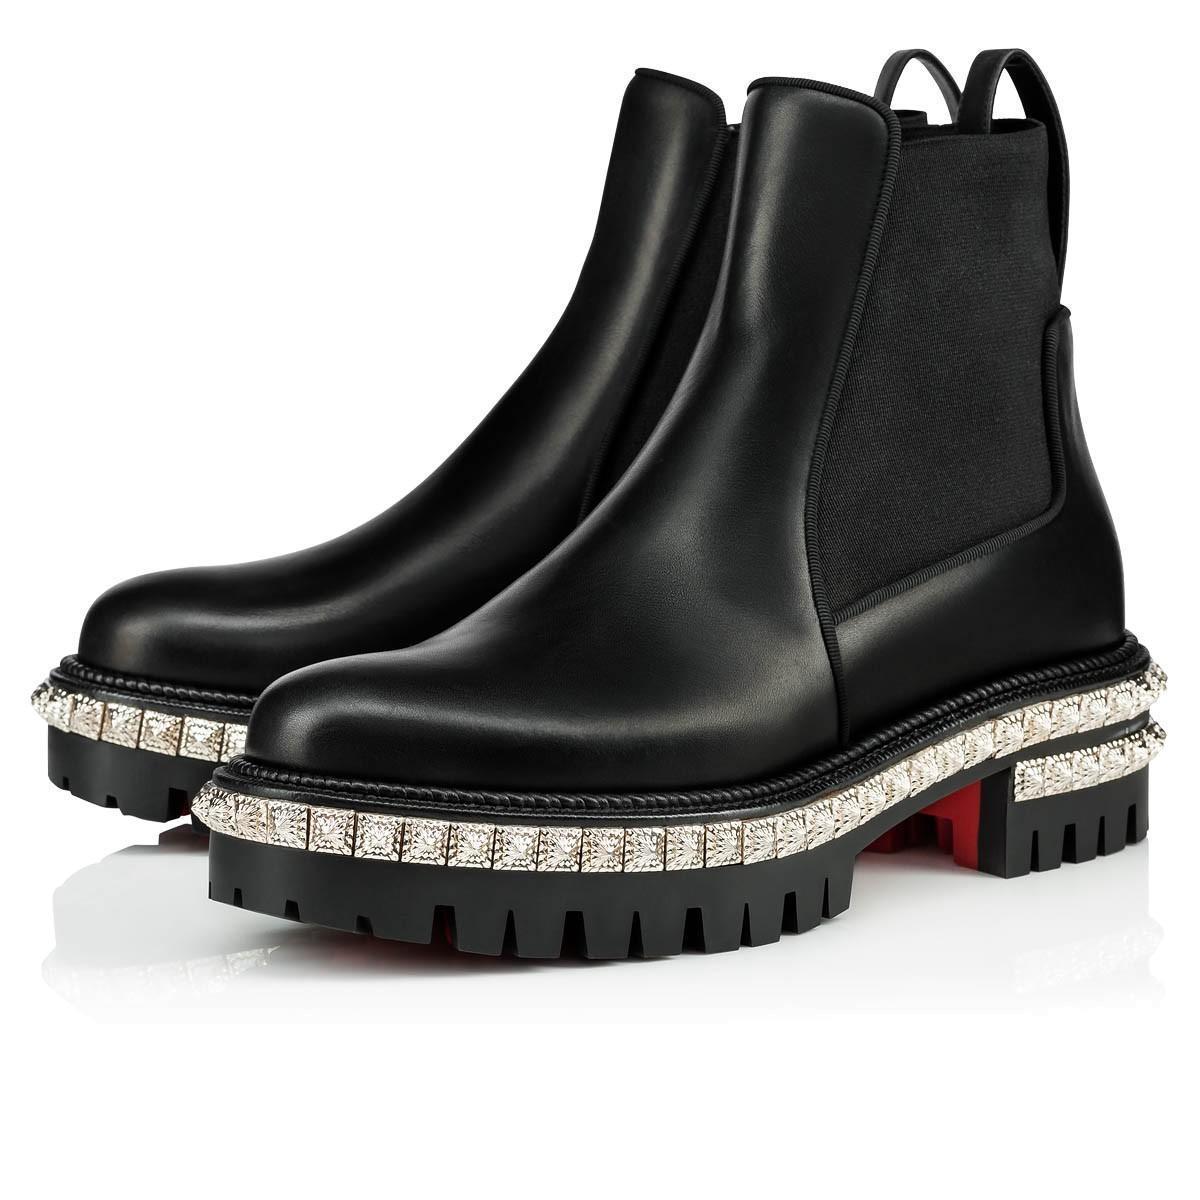 diseñador de moda de lujo de la bota río tobillo de las mujeres con actitud Moda pyramidial picos Zapatos de las muchachas de arranque del partido salpicada de invierno L14